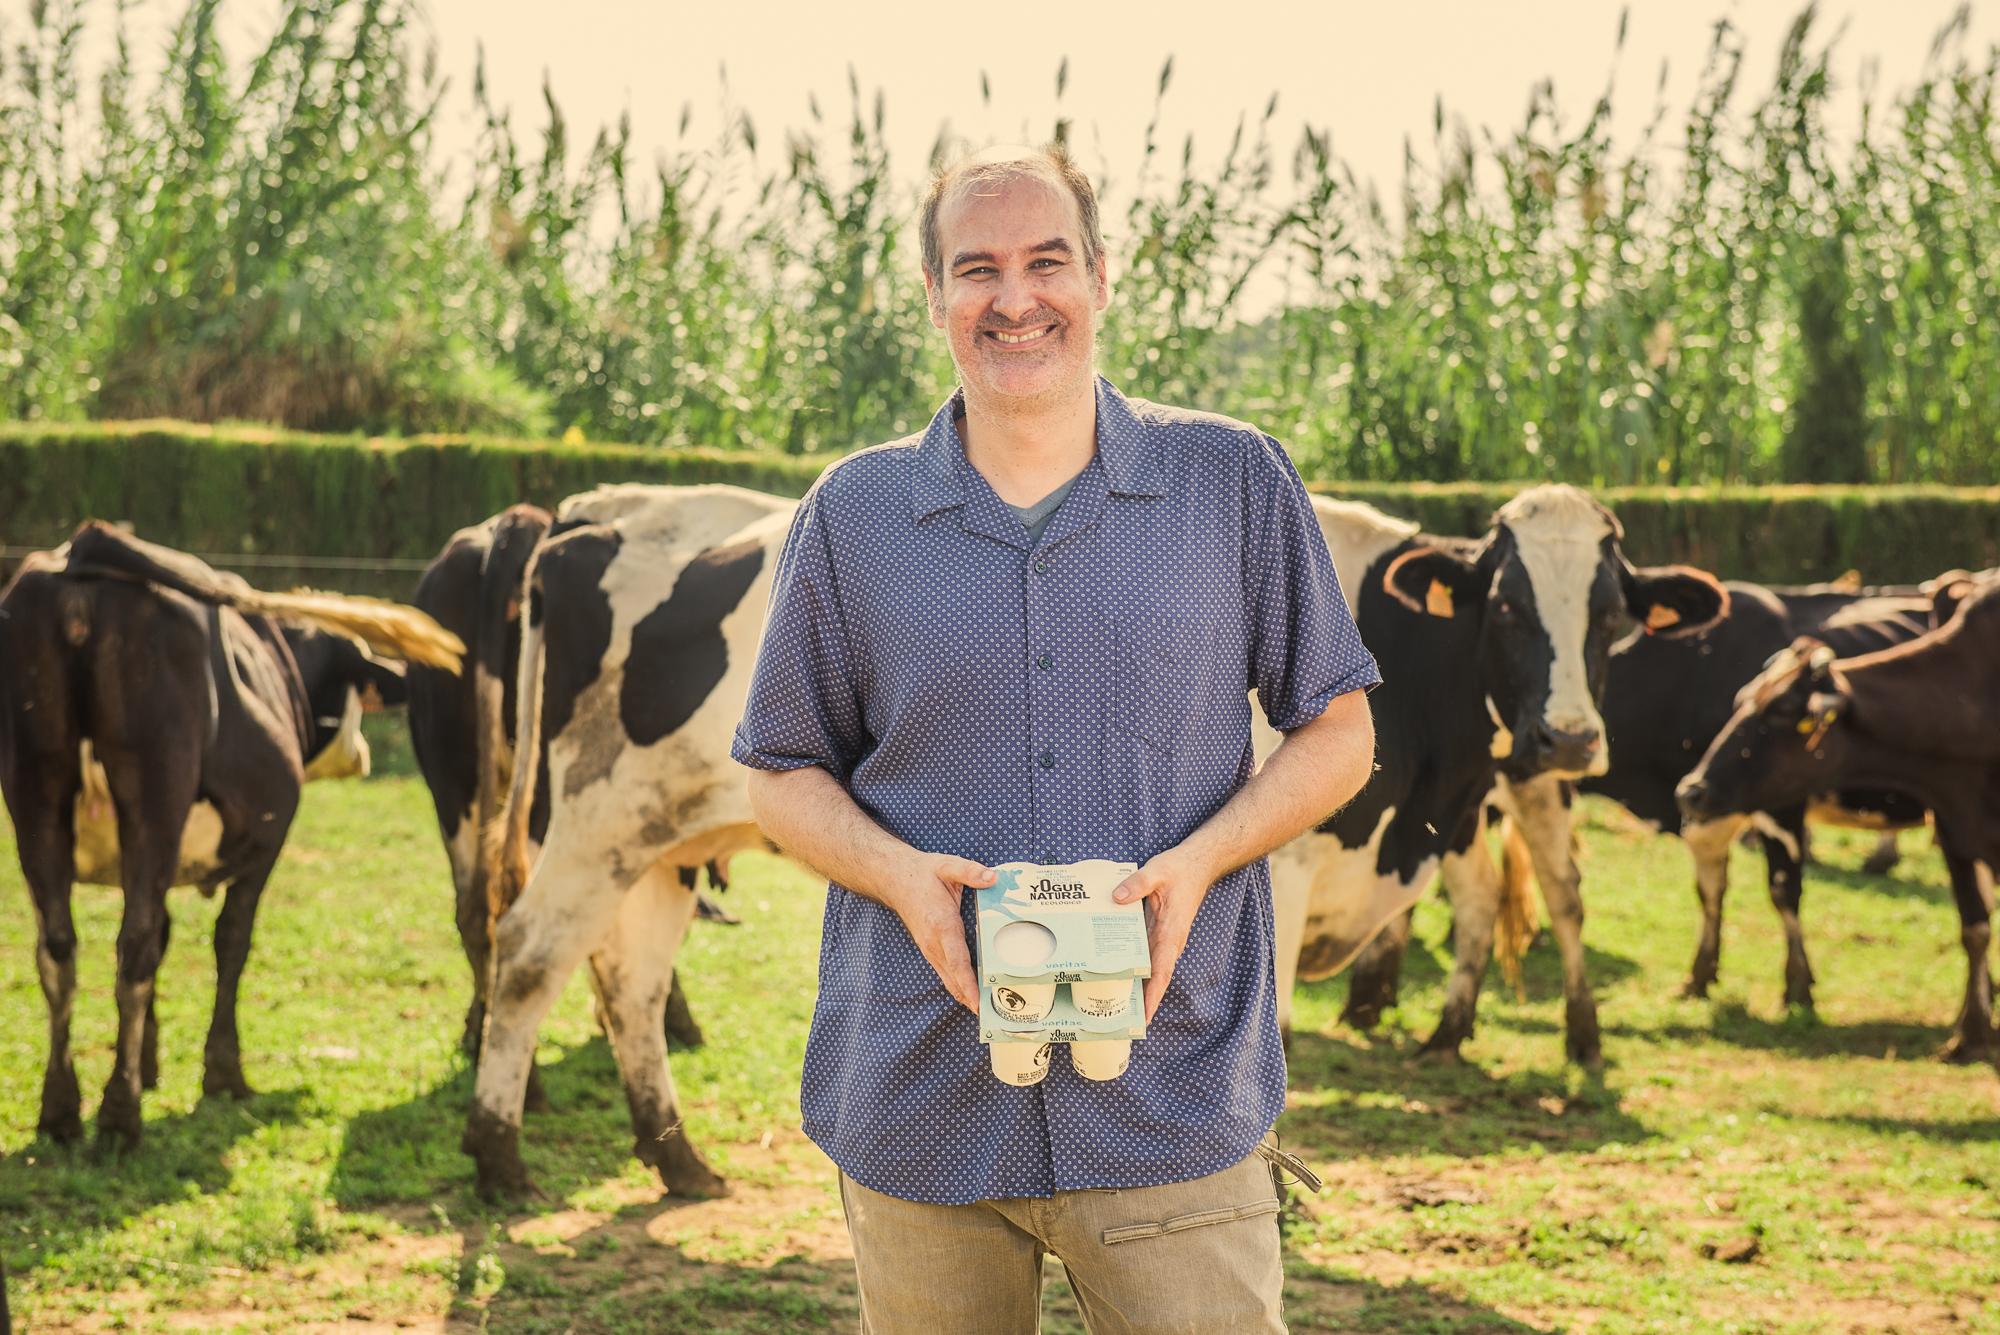 Yogures ecológicos elaborados con leche fresca de Cardedeu - Productos con corazón - Veritas